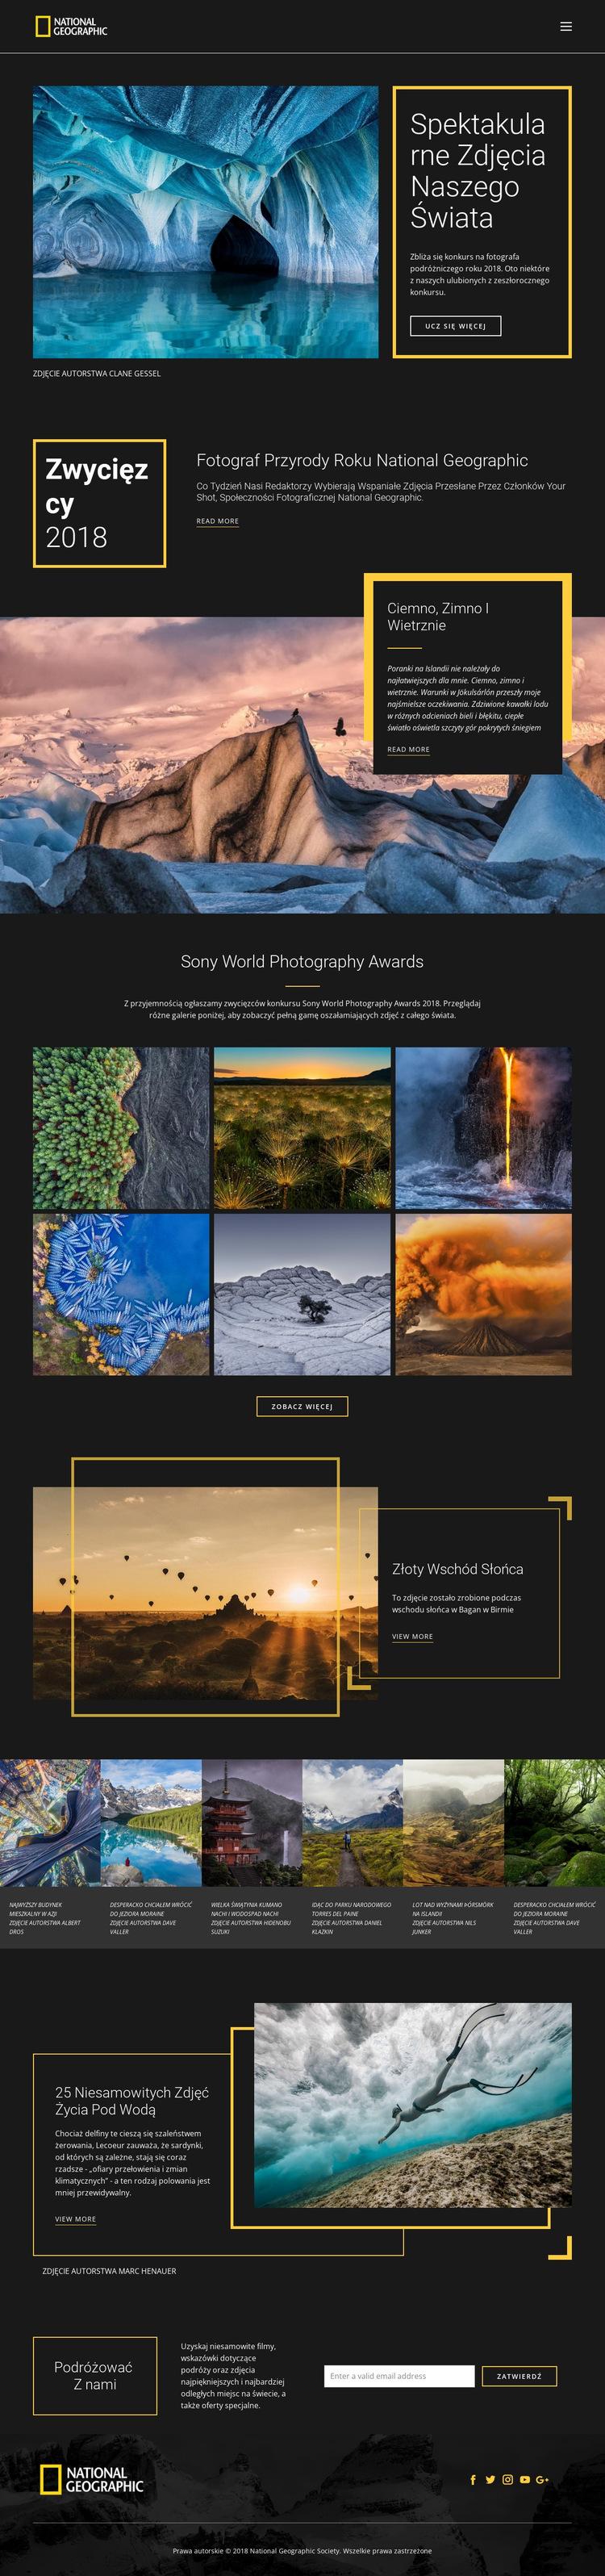 Zdjęcia natury Szablon witryny sieci Web